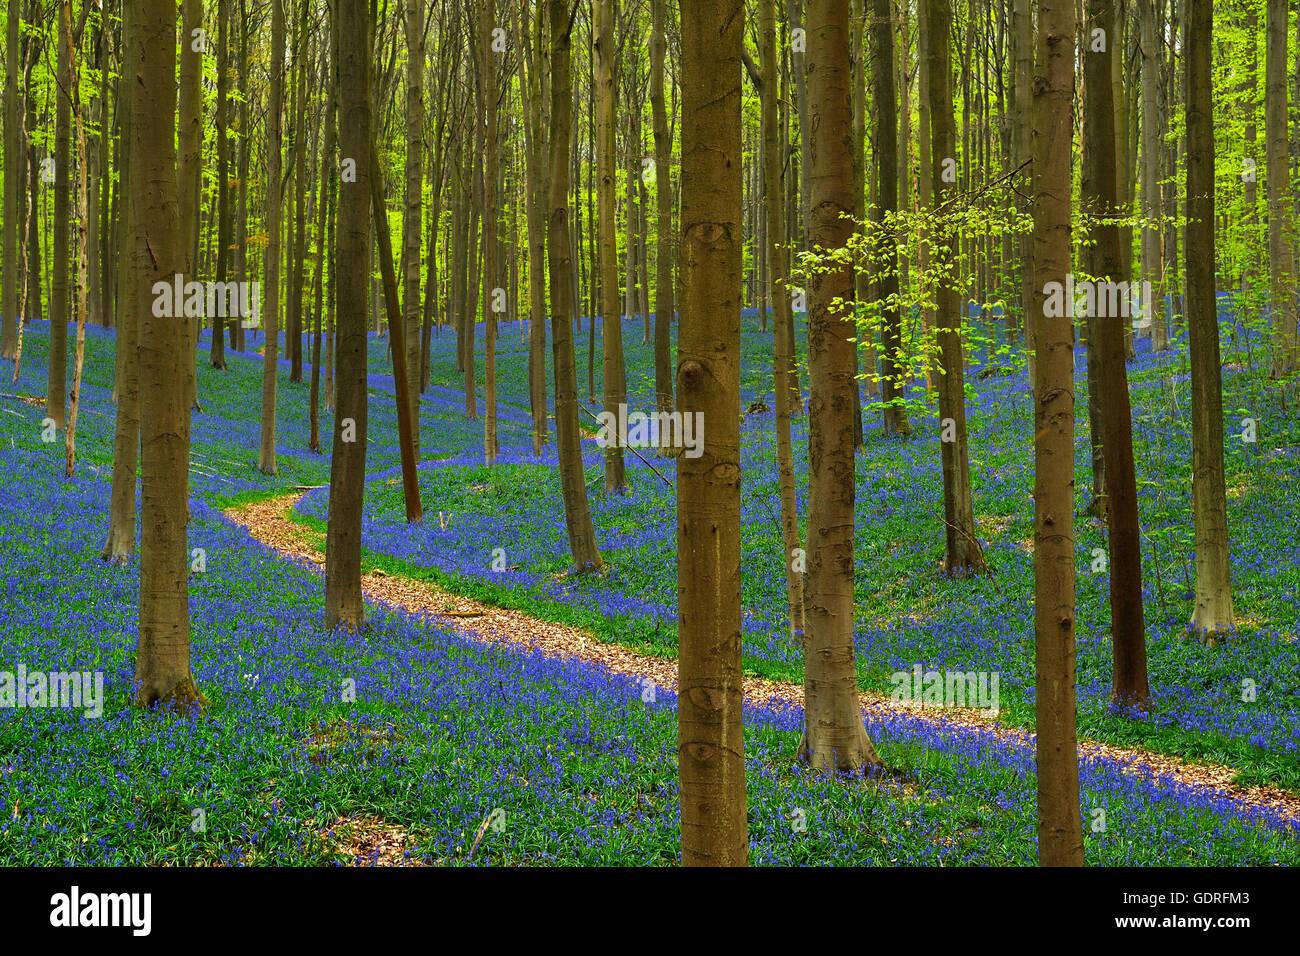 Camino a través del bosque, Europeo haya (Fagus sylvatica), campanillas (Hyacinthoides), Hallerbos, Vlaams Imagen De Stock